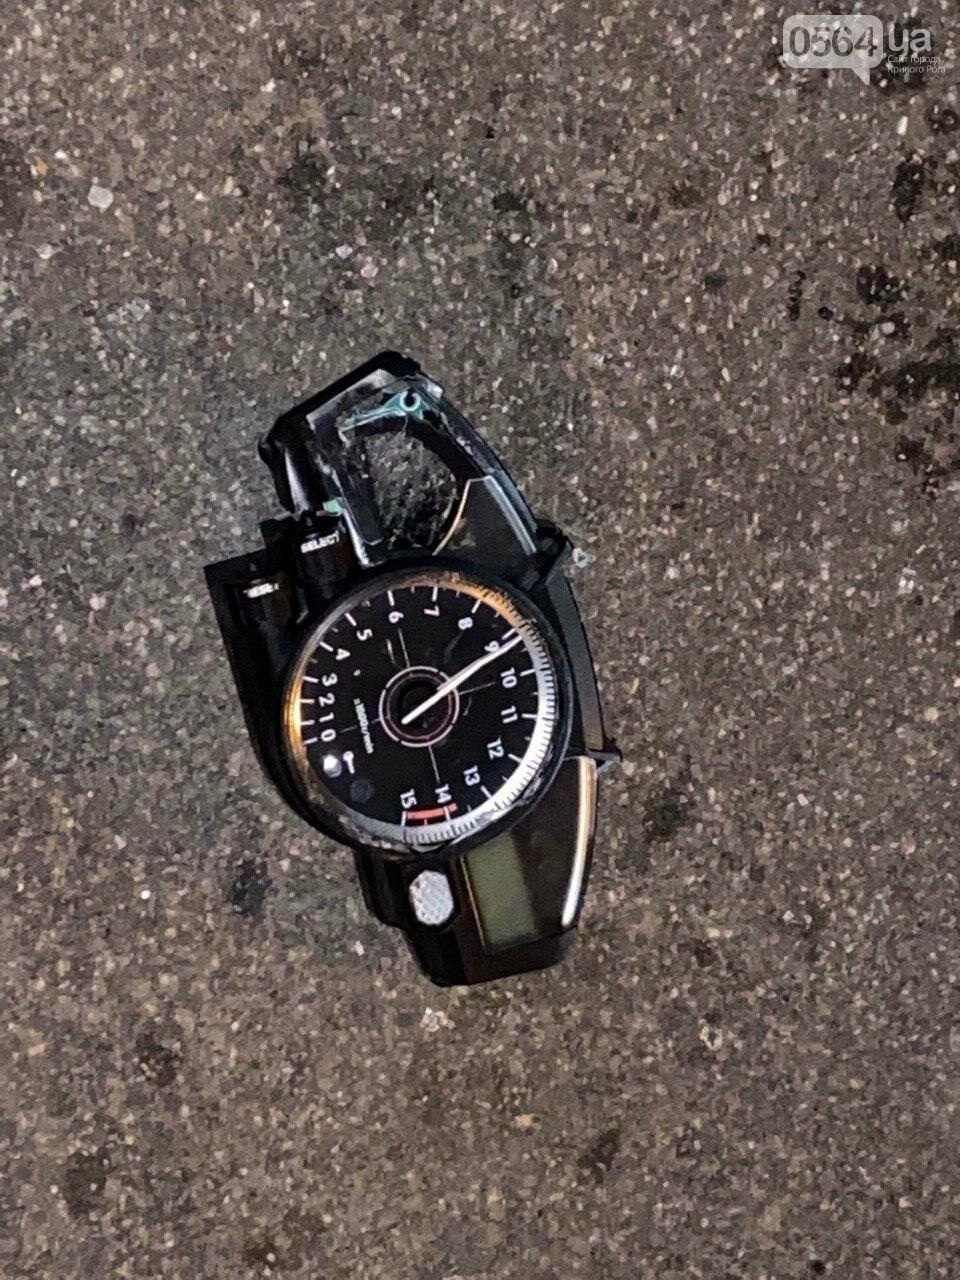 Тройное ДТП в Кривом Роге - дорогу не поделили мотоцикл и две легковушки. Есть пострадавшие, - ФОТО, ВИДЕО, фото-3